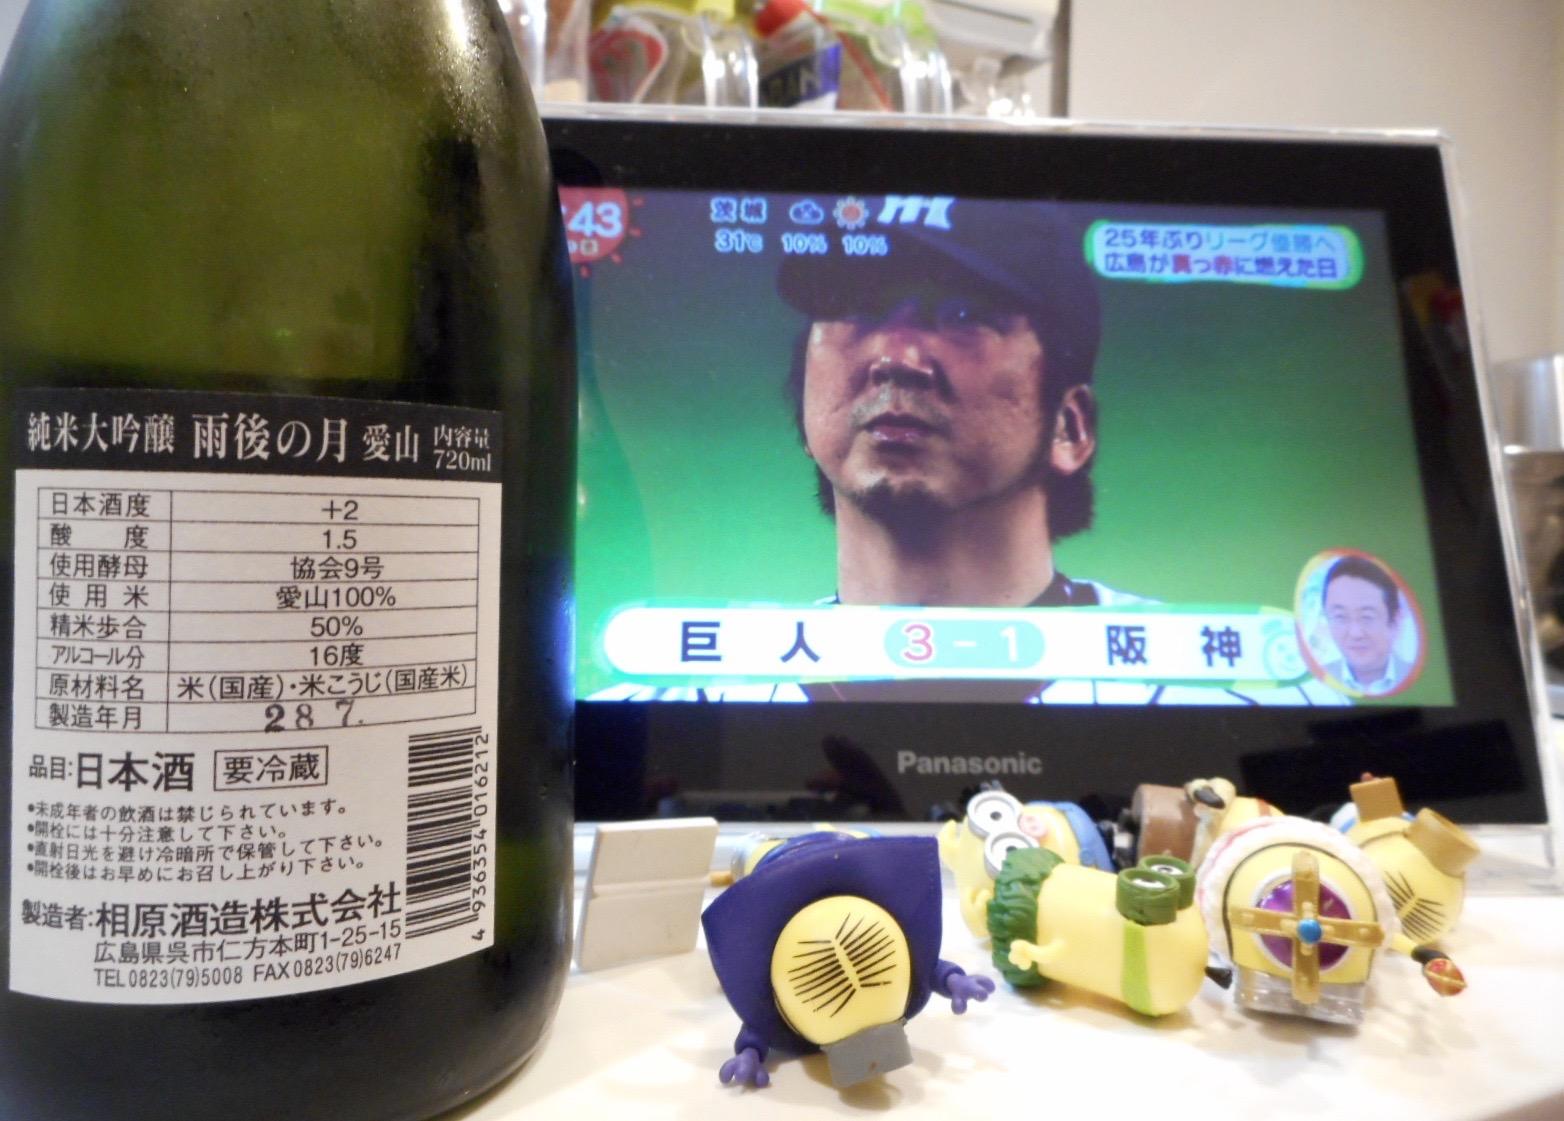 ugonotsuki_jundai_aiyama27by3.jpg